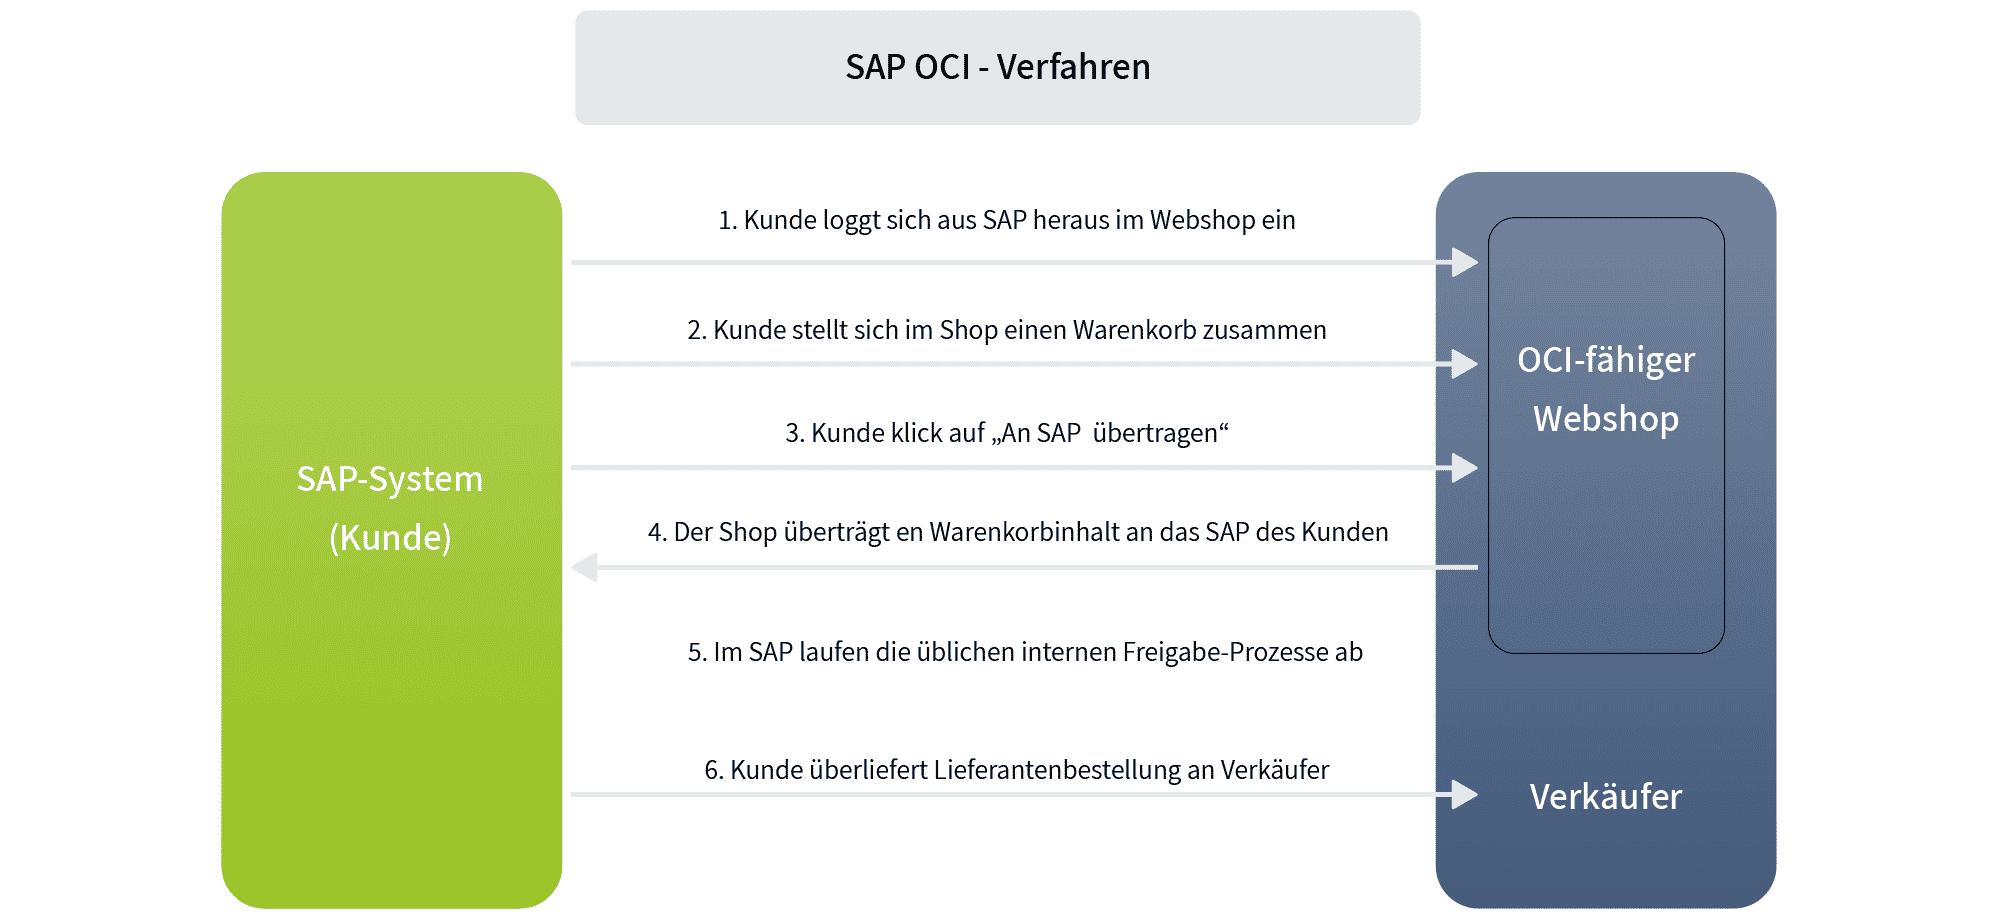 sap_oci_verfahren_schnittstelle_grafik